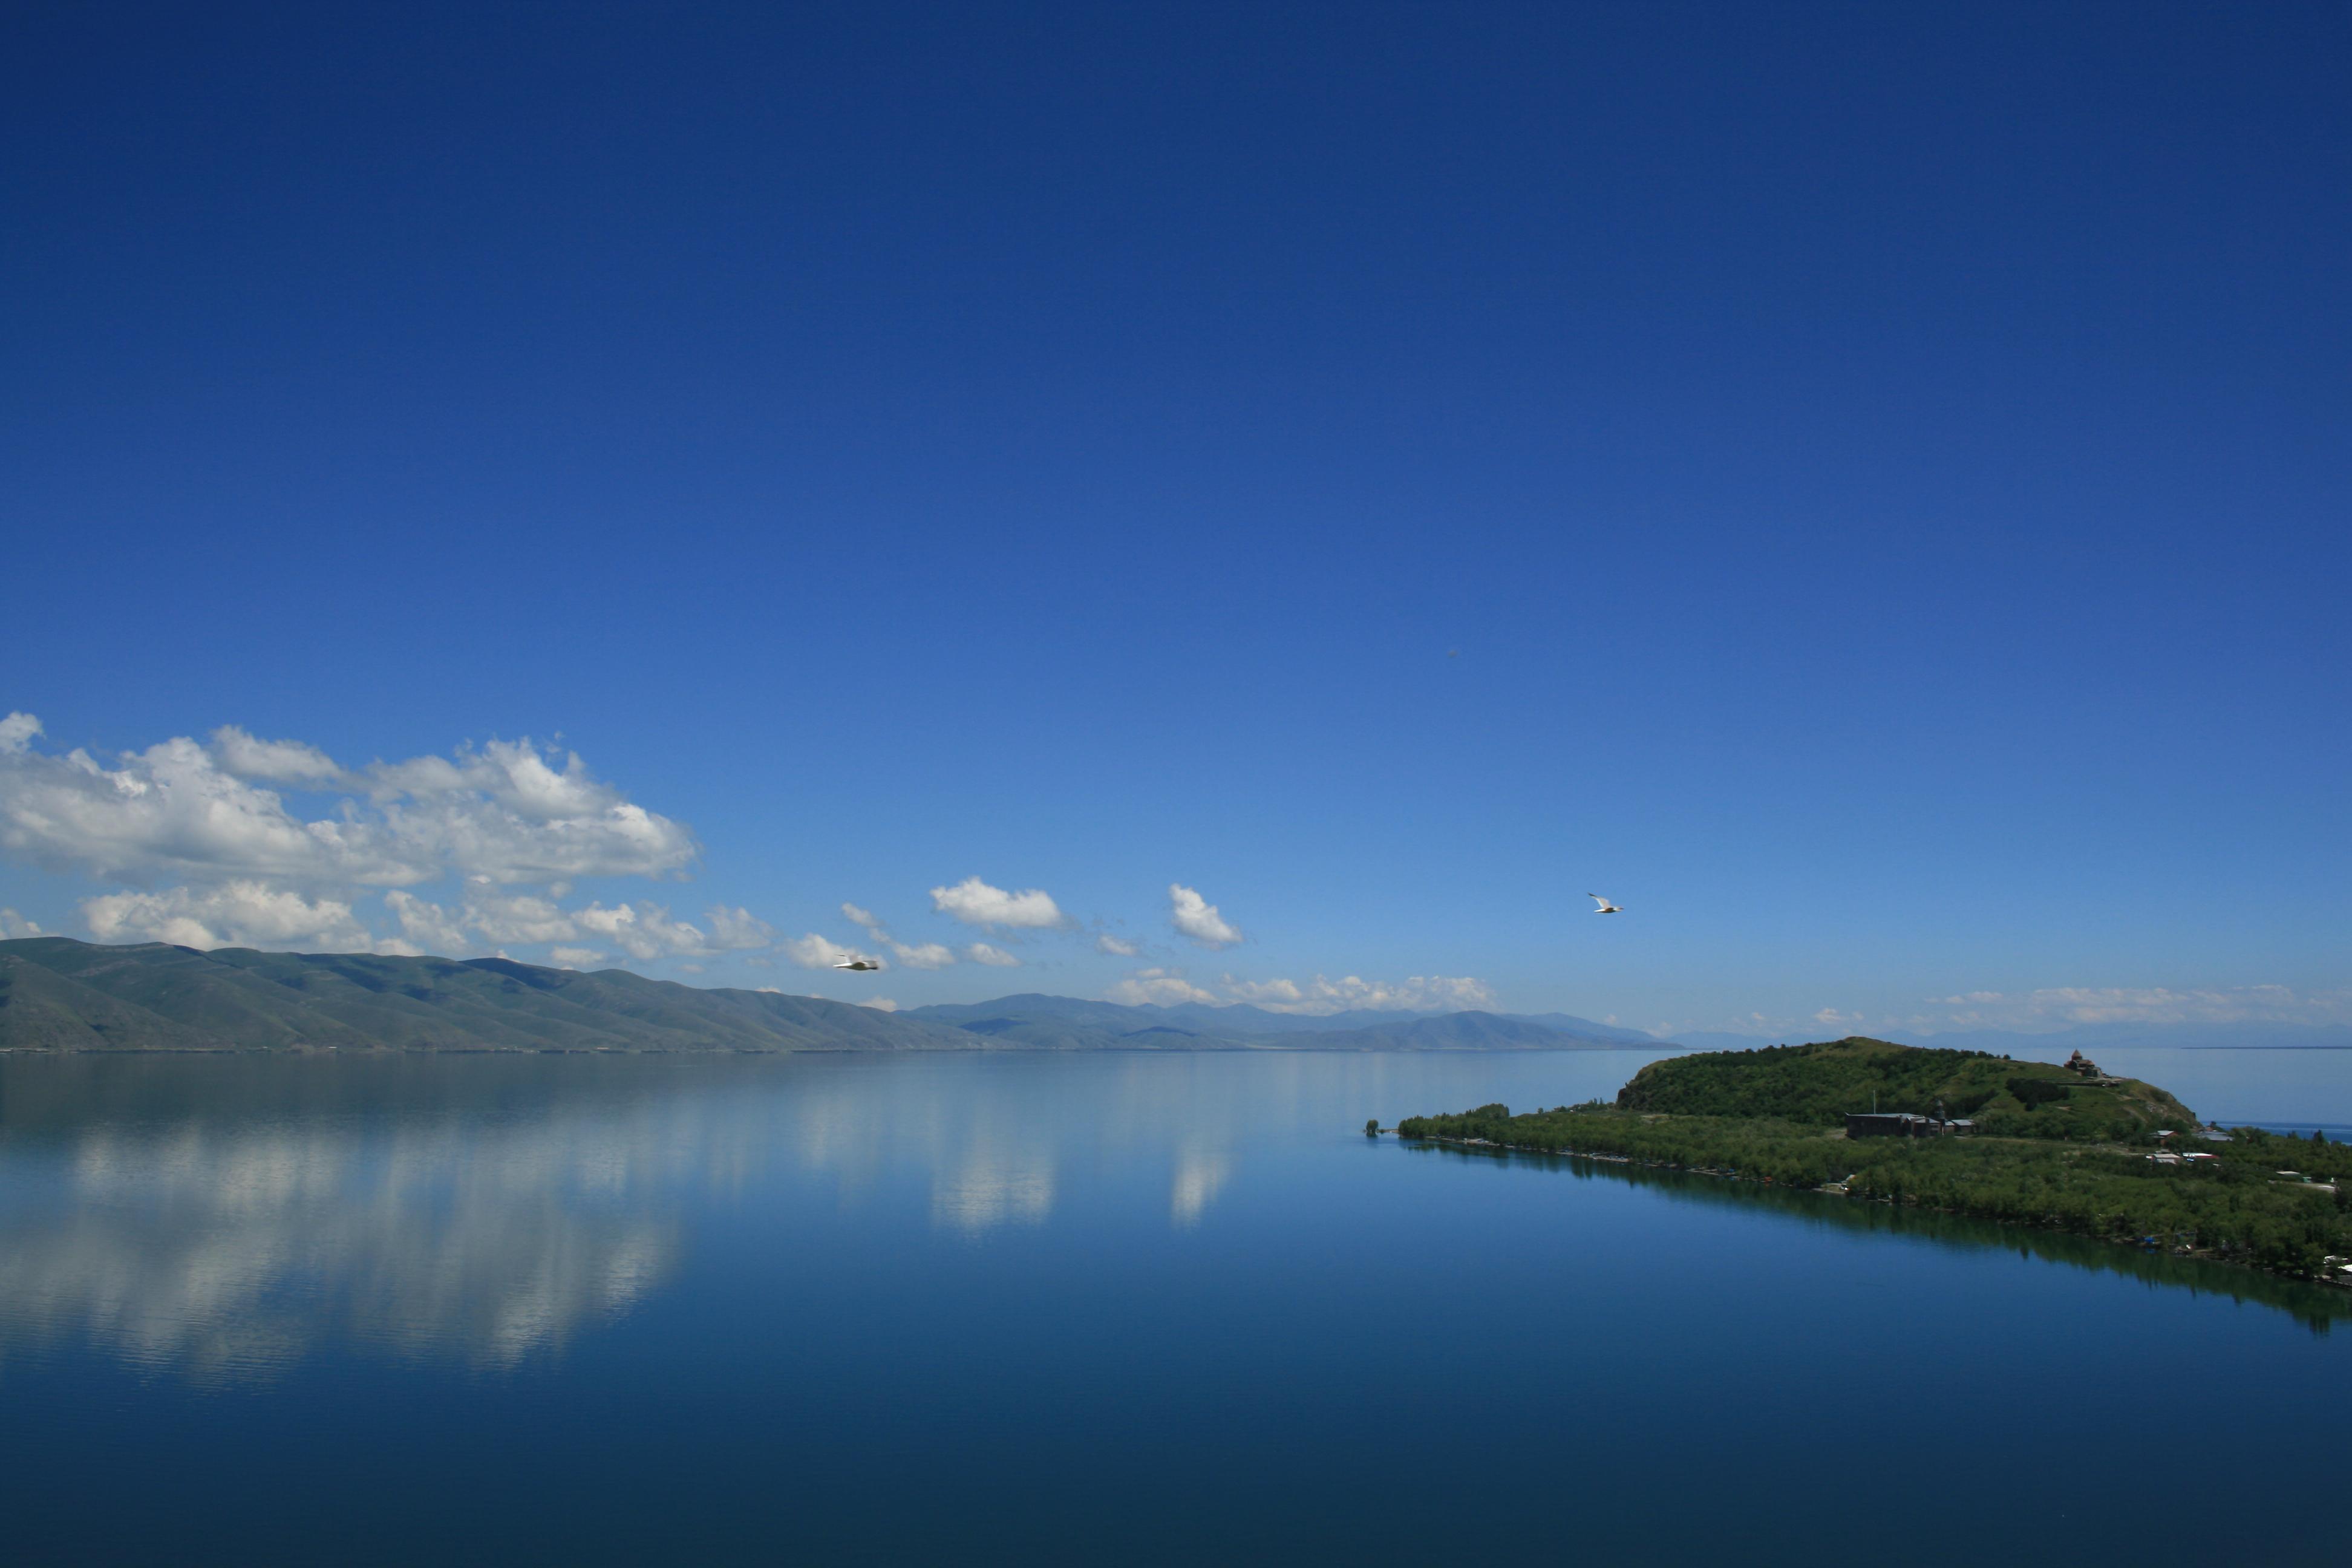 152653 免費下載壁紙 性质, 亚美尼亚塞凡湖日, 亚美尼亚的塞万湖日, 塞万, 亚美尼亚, 湖, 湖景, 八月, 8月 屏保和圖片